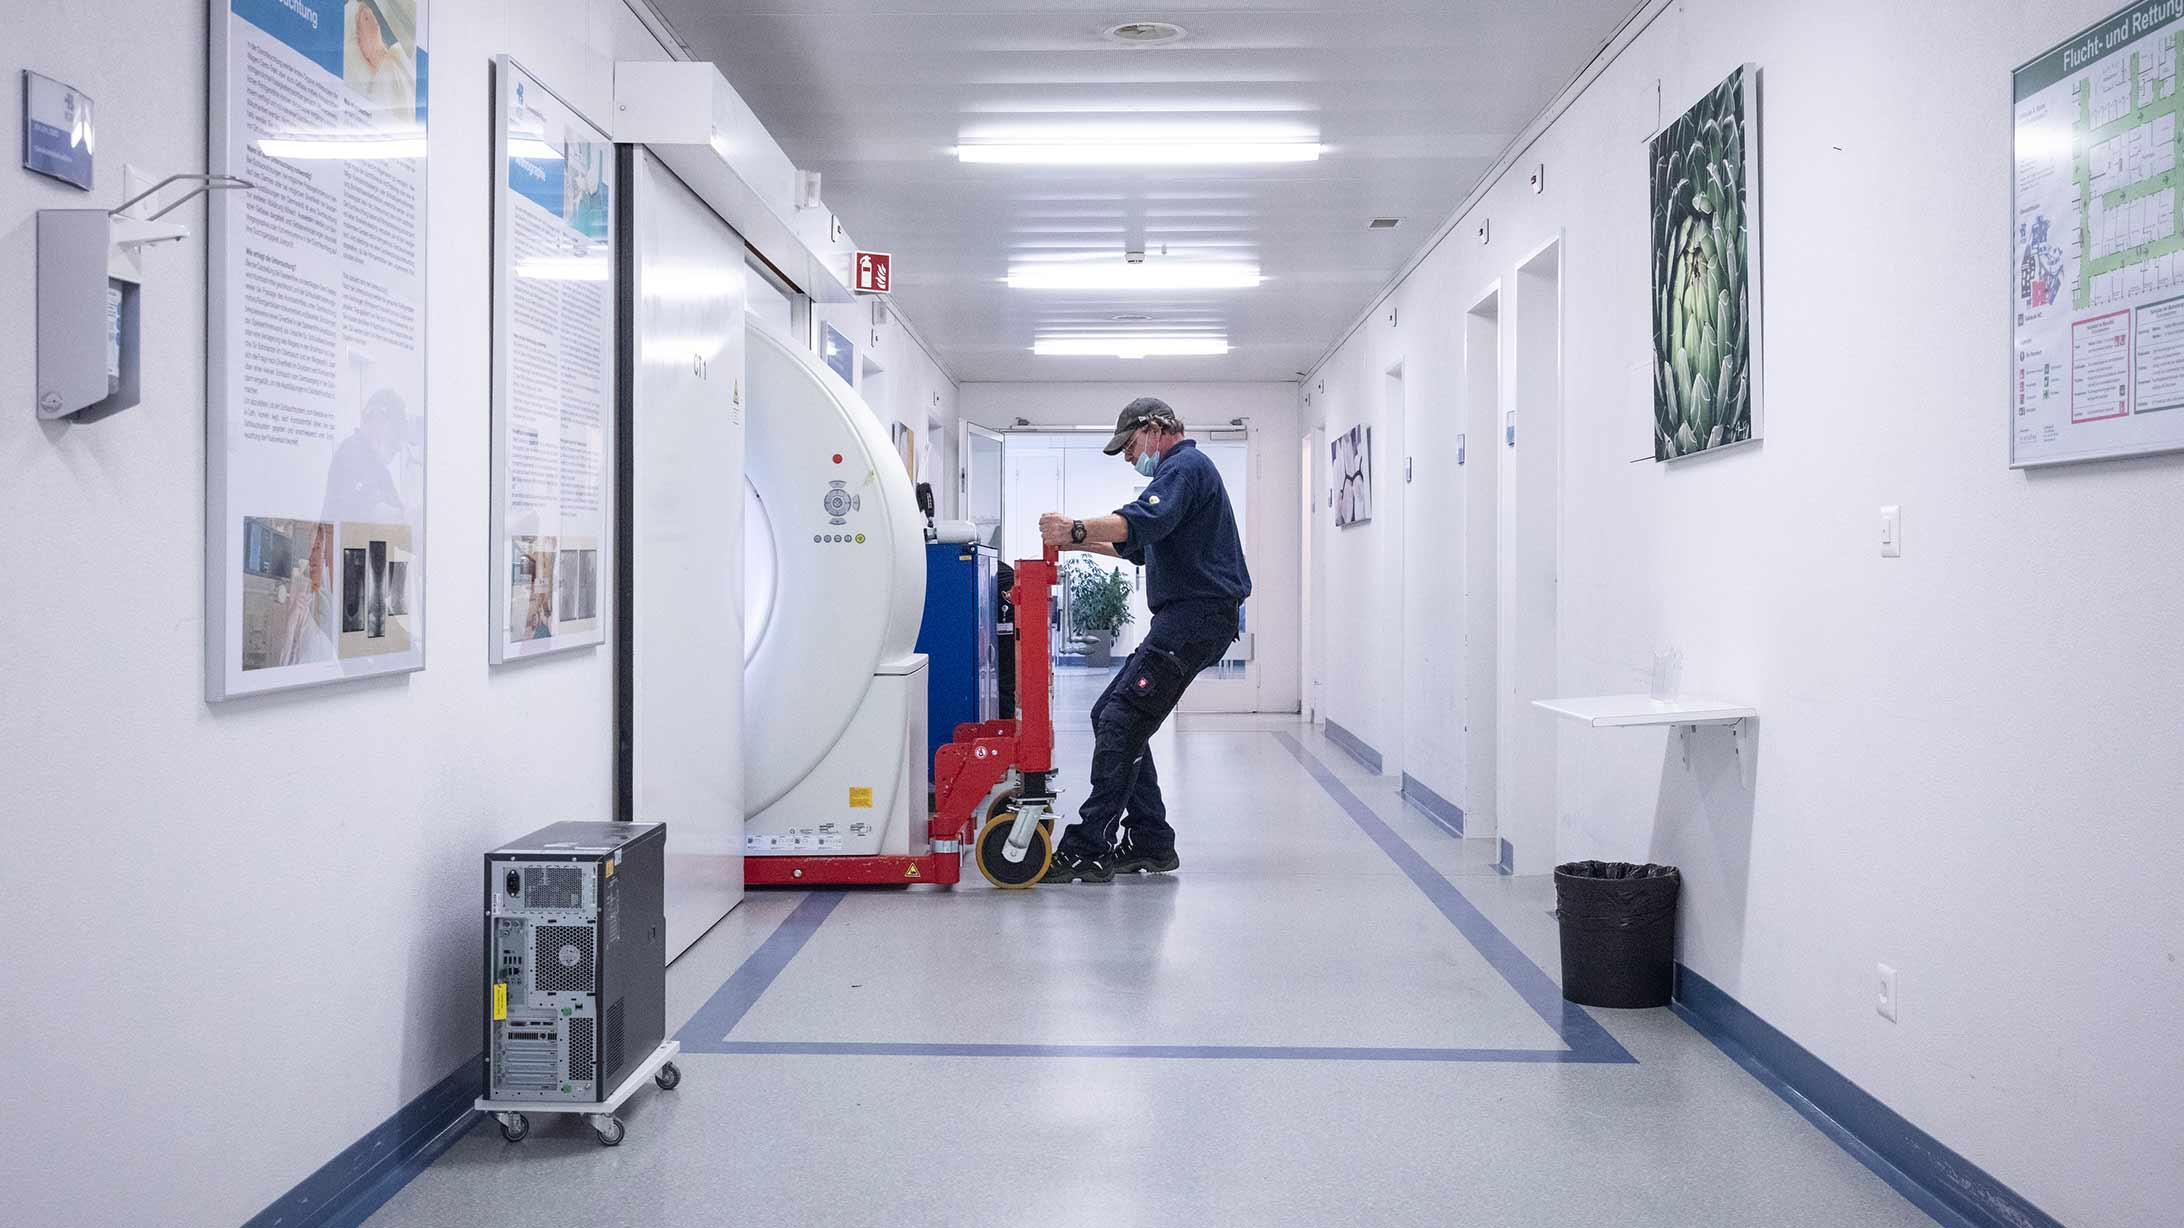 Anlieferung: Ein Mitarbeiter fährt mit dem neuen CT-Gerät des KSB vorsichtig durch eine Tür.